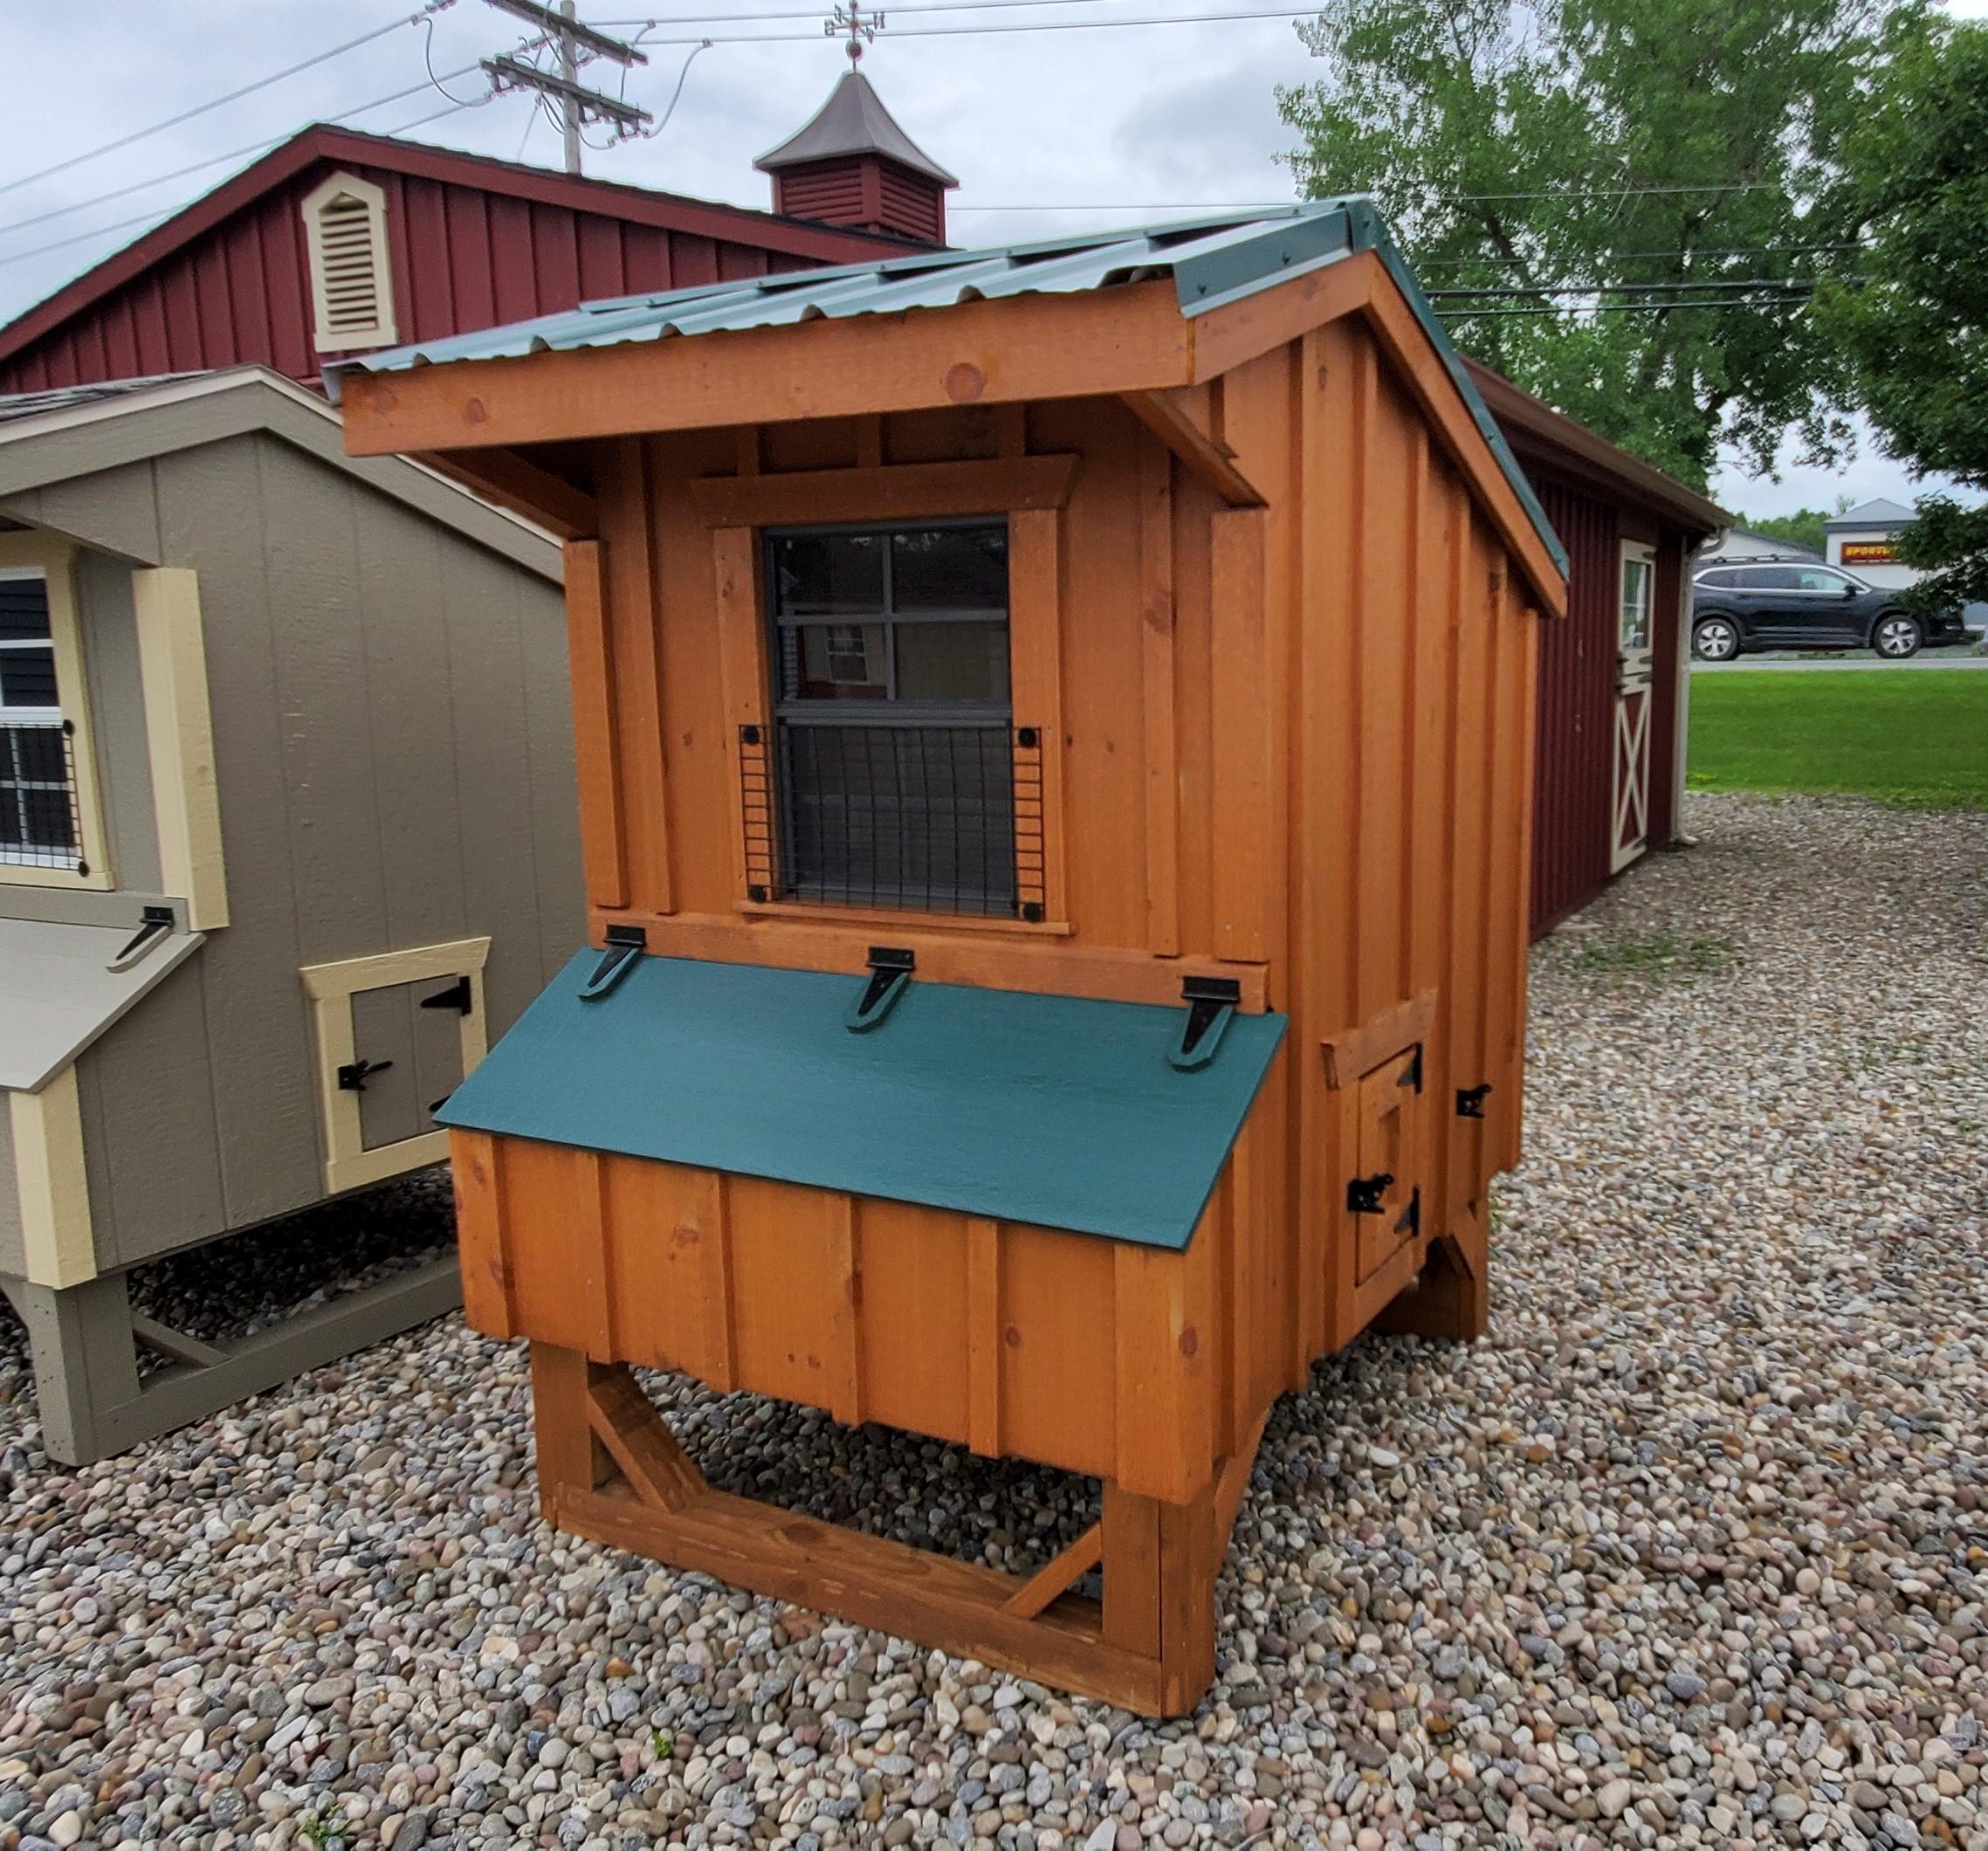 04' X 04' Duratemp Chicken Coop : Image 2